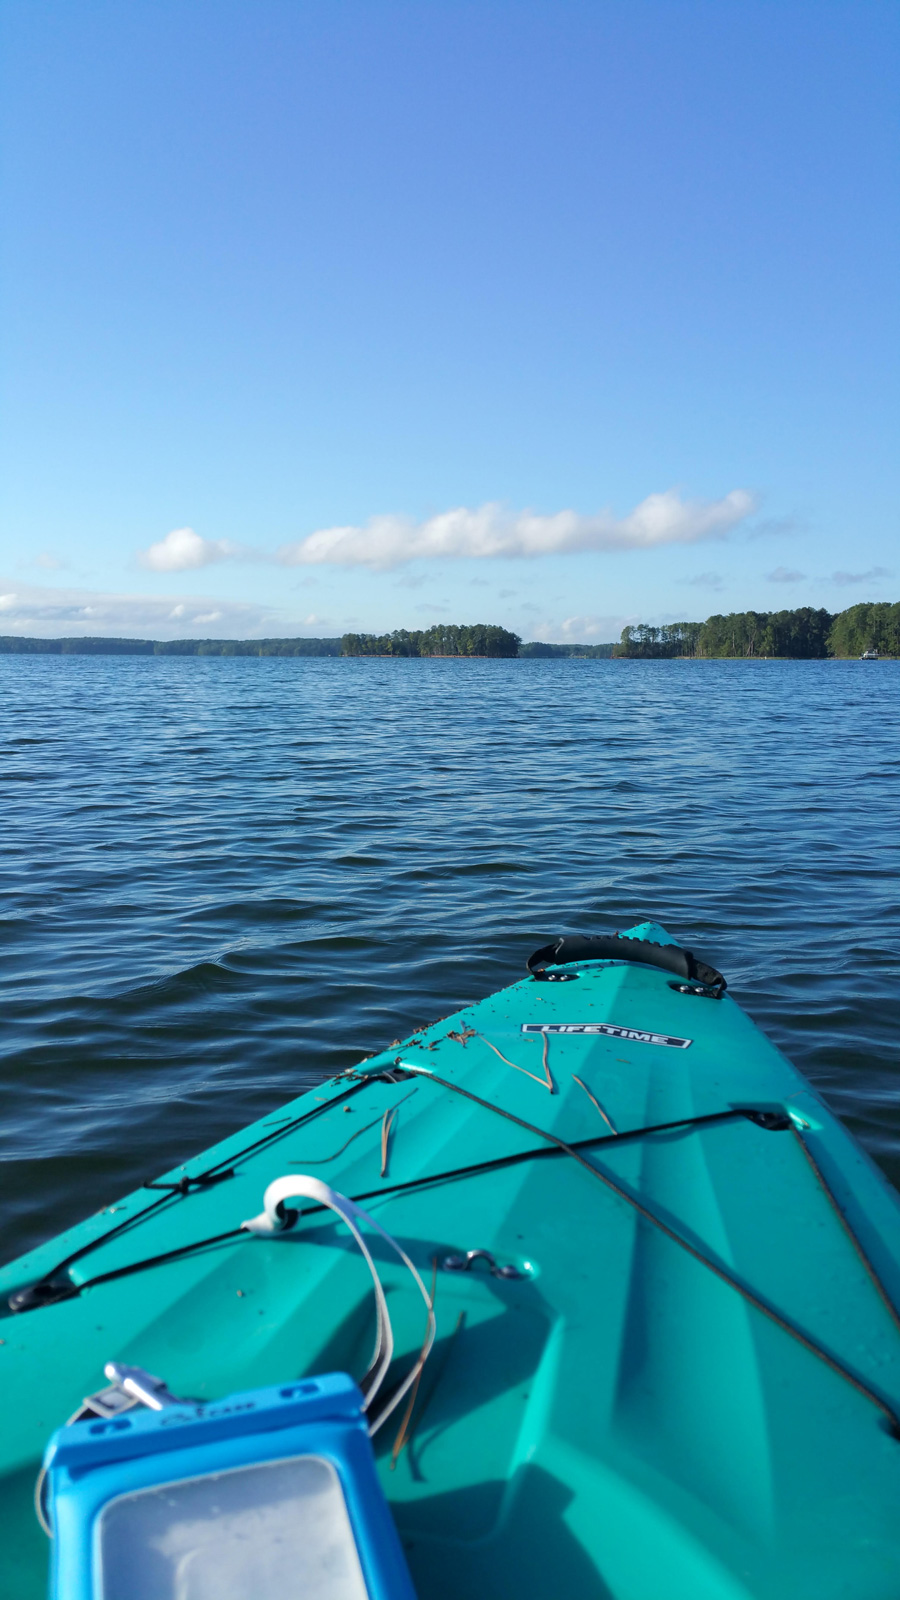 kayaking on lake murray